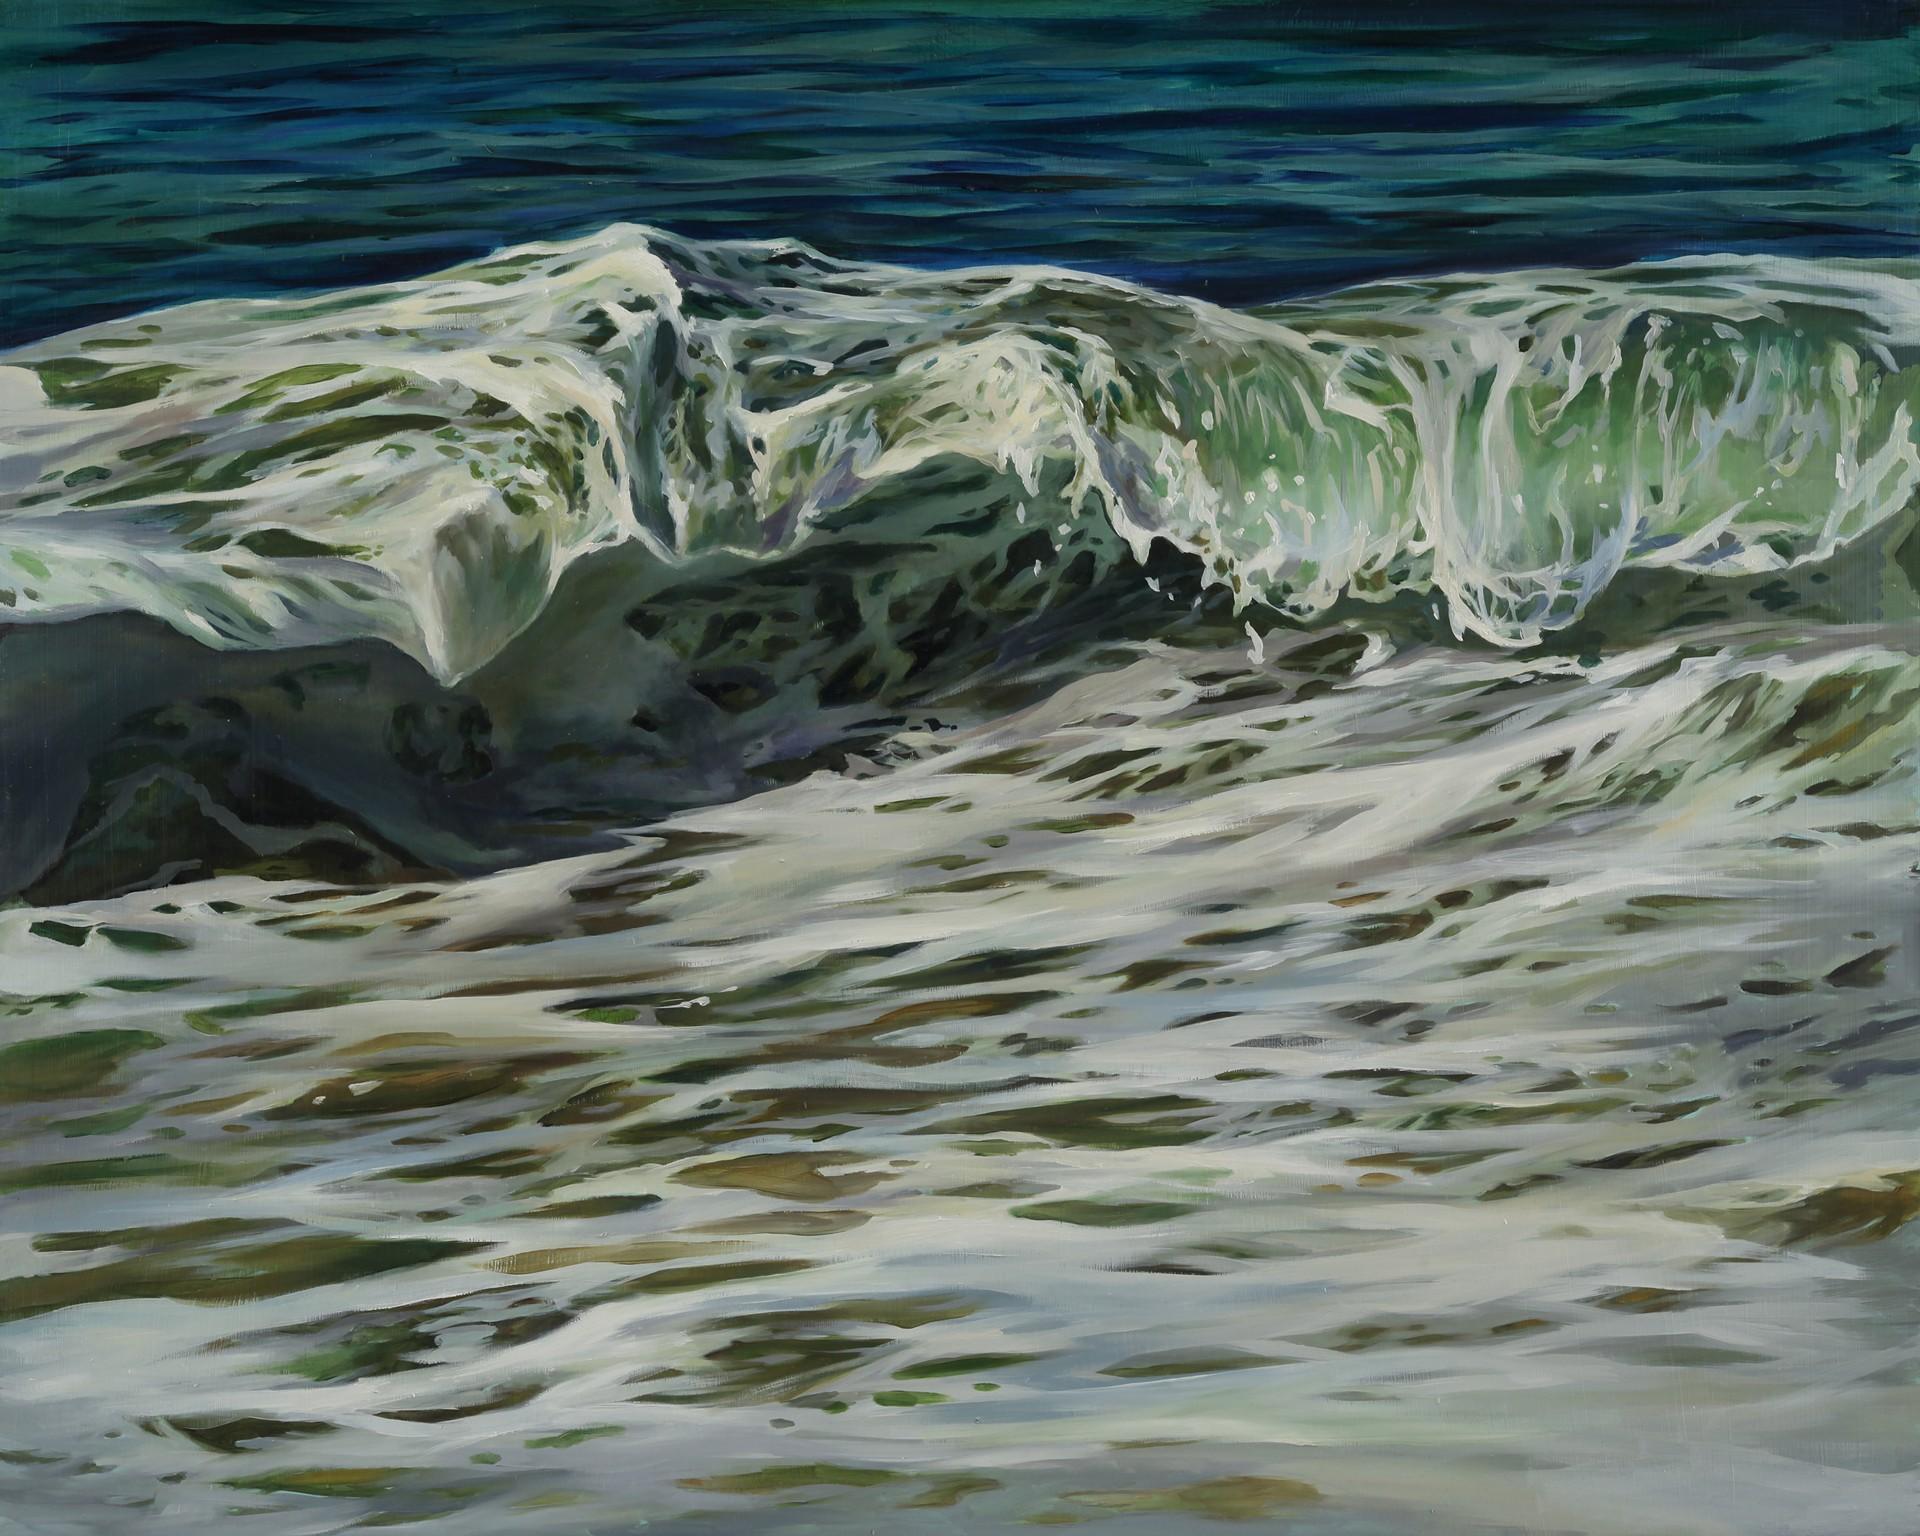 Ocean #13 by Lindsey Millikan